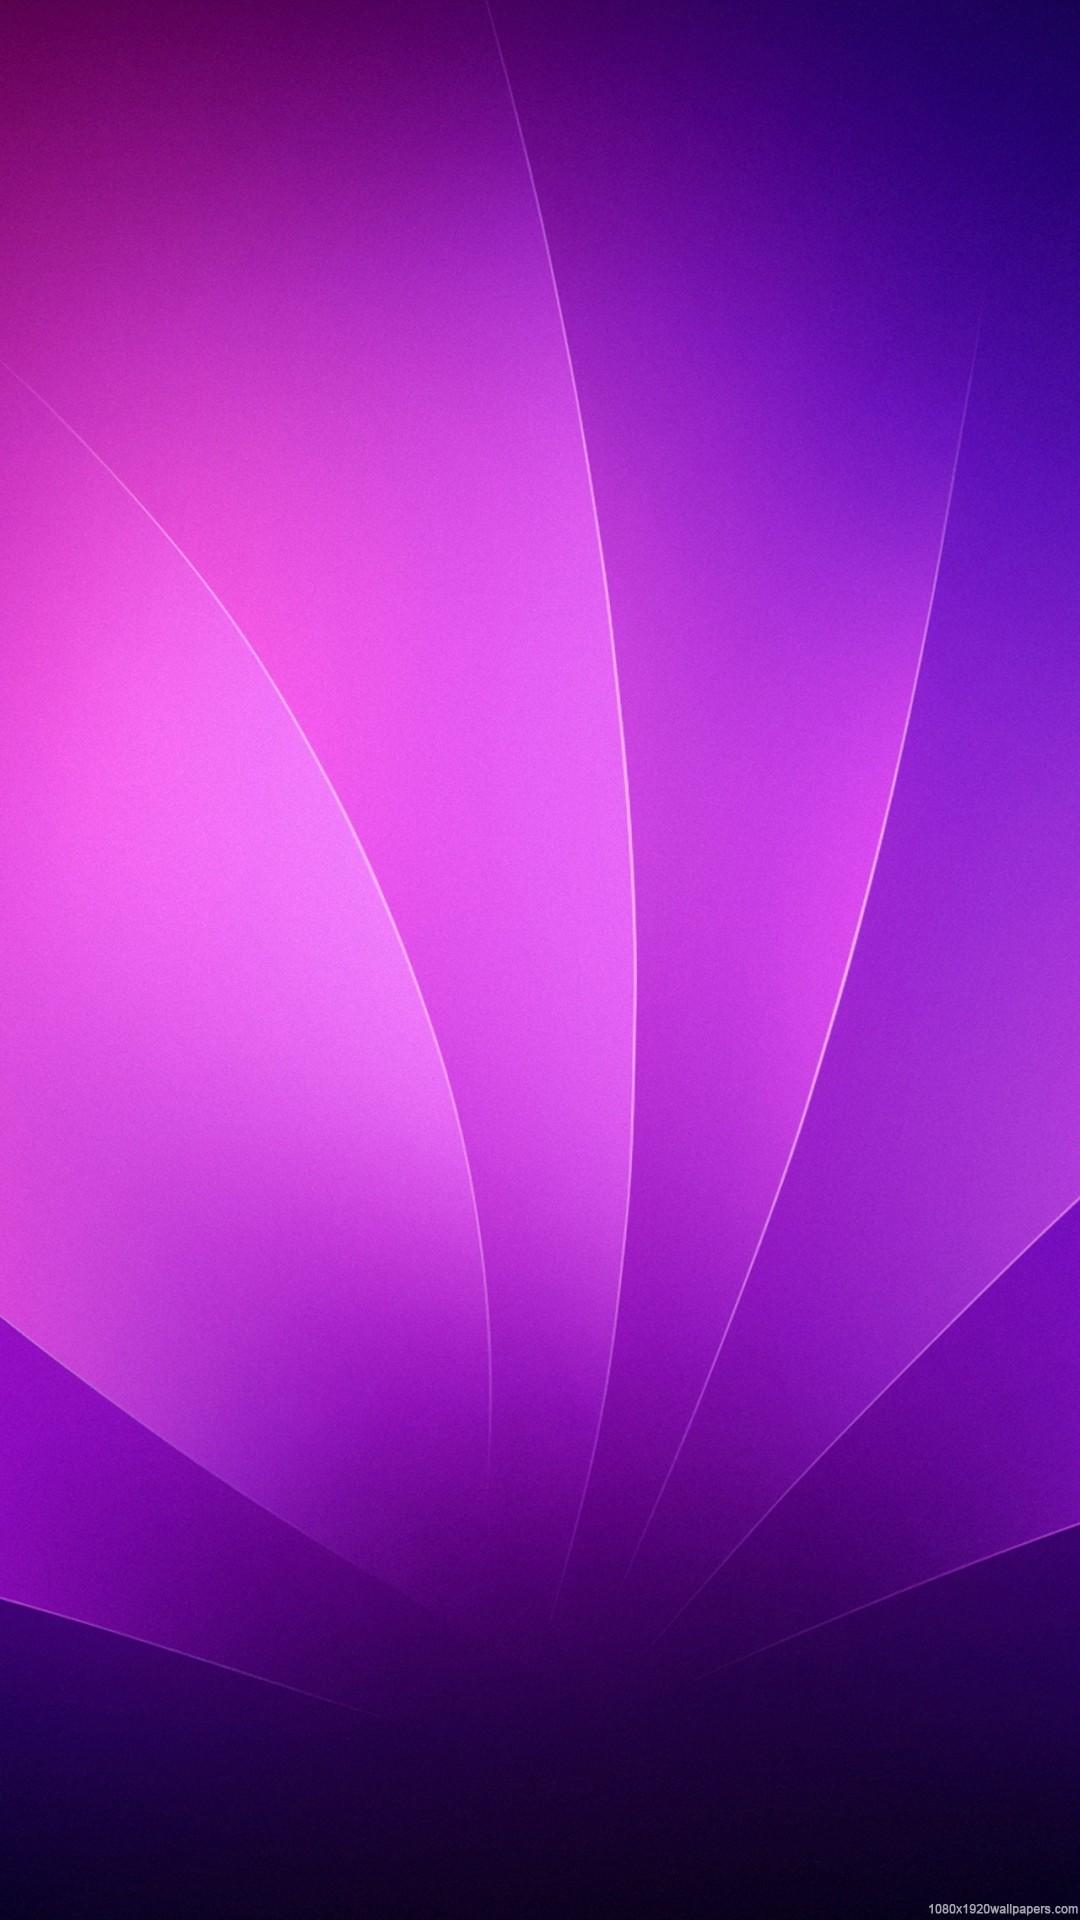 2560x1440 Preview Wallpaper Purple Blue White Spot